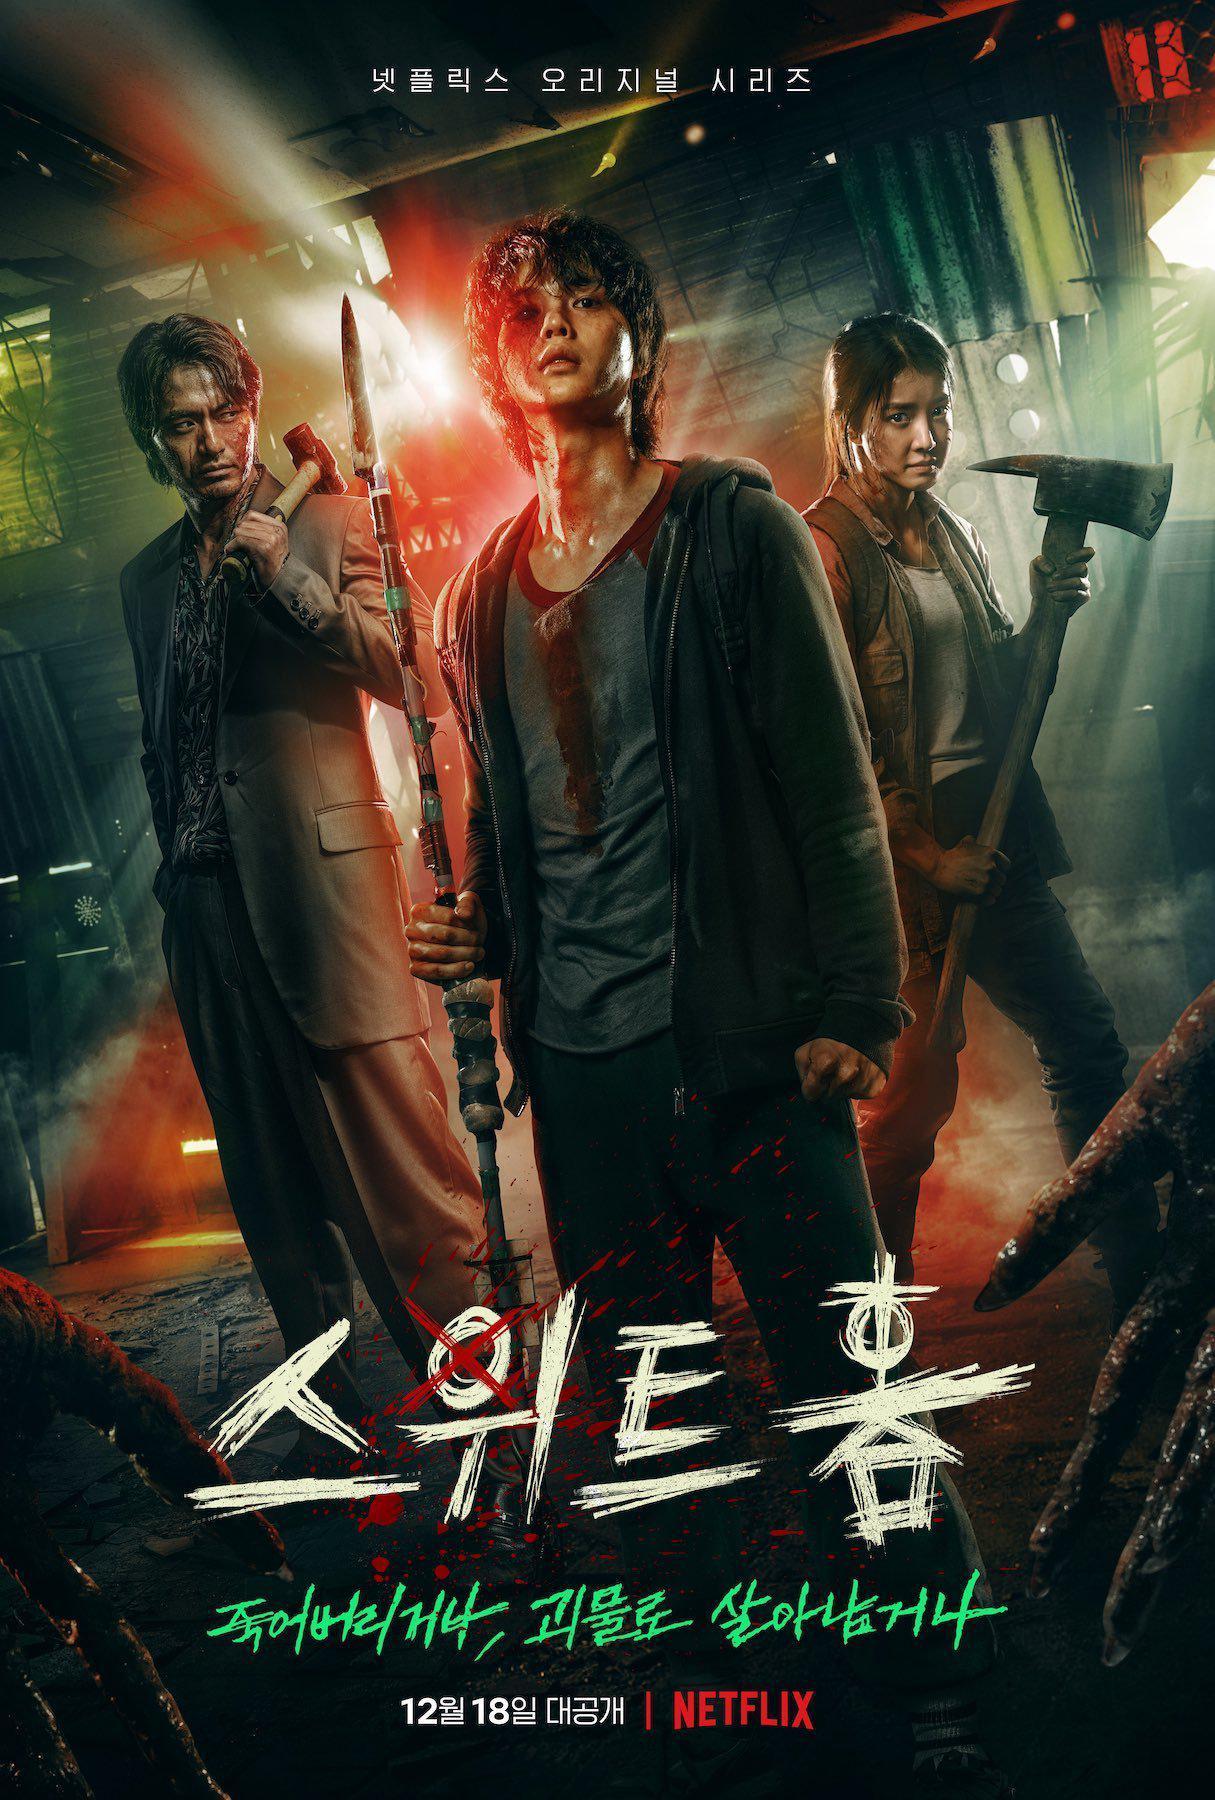 漫改韩剧《甜蜜家园》明天上线Netflix,这些亮点值得大家期待!插图1